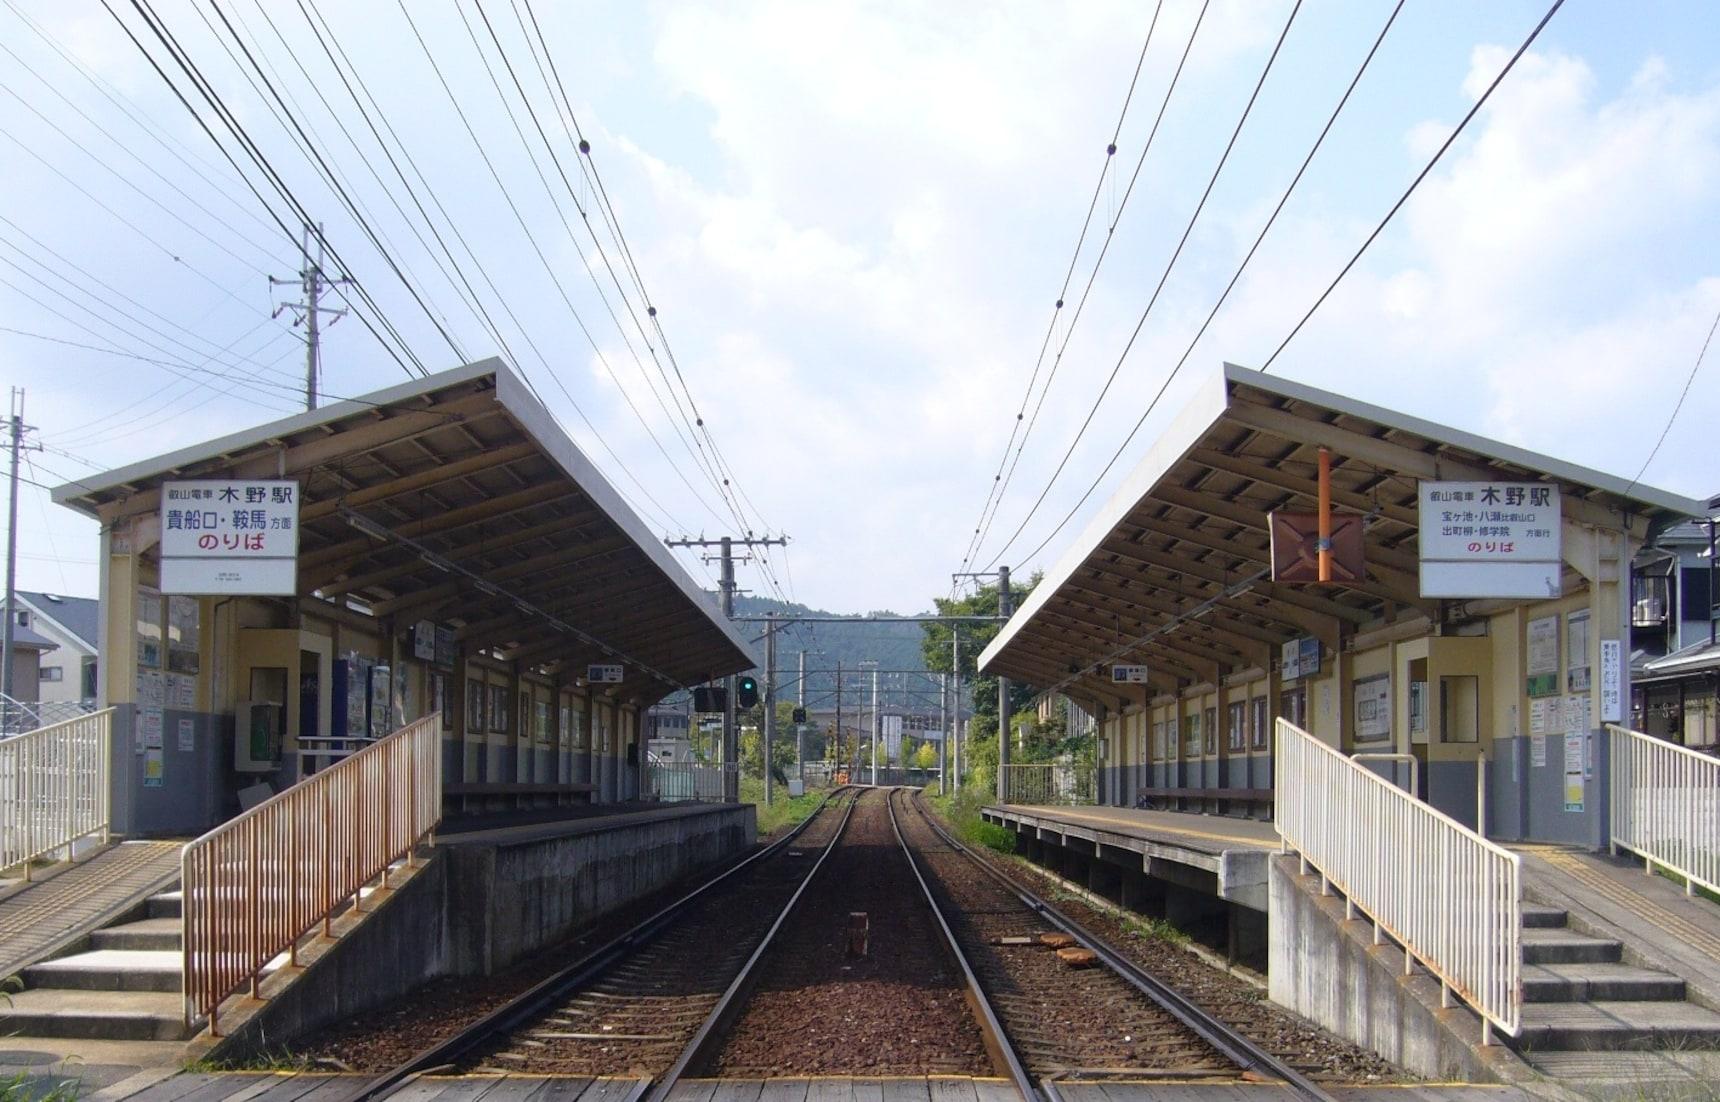 【东南西北】—日本四大最远车站